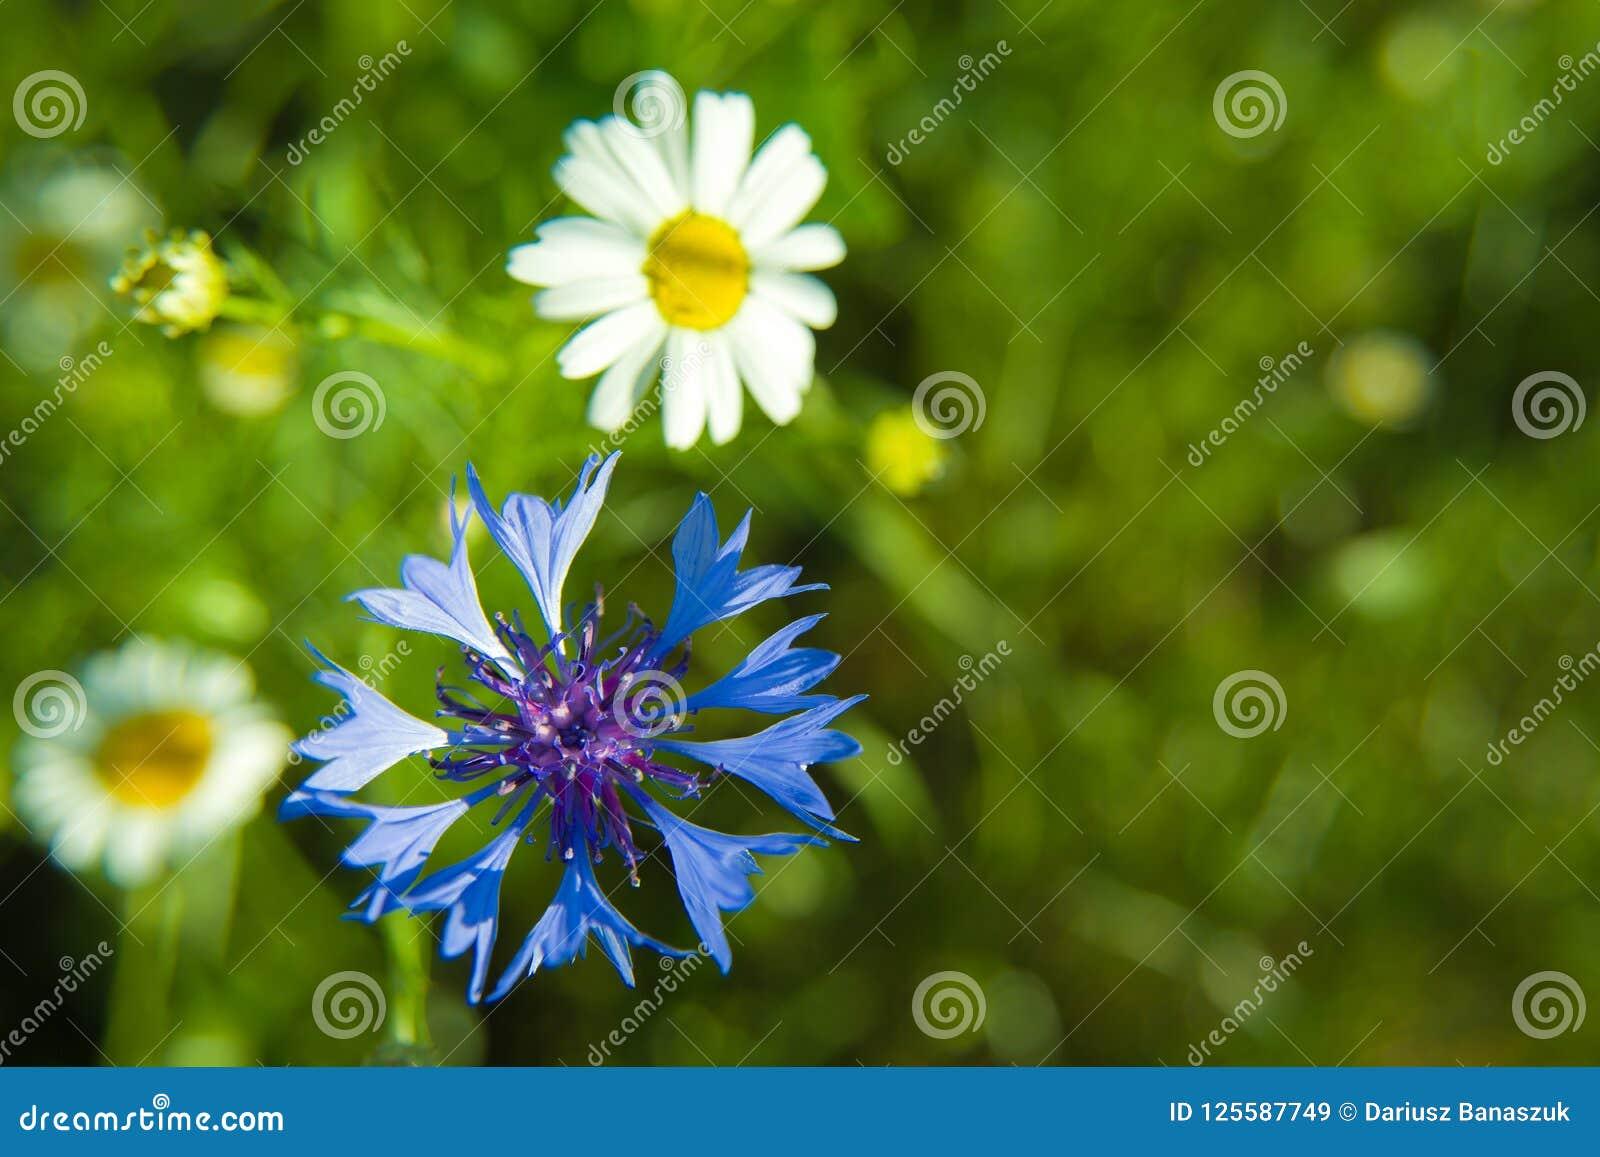 Aciano azul y margarita blanca